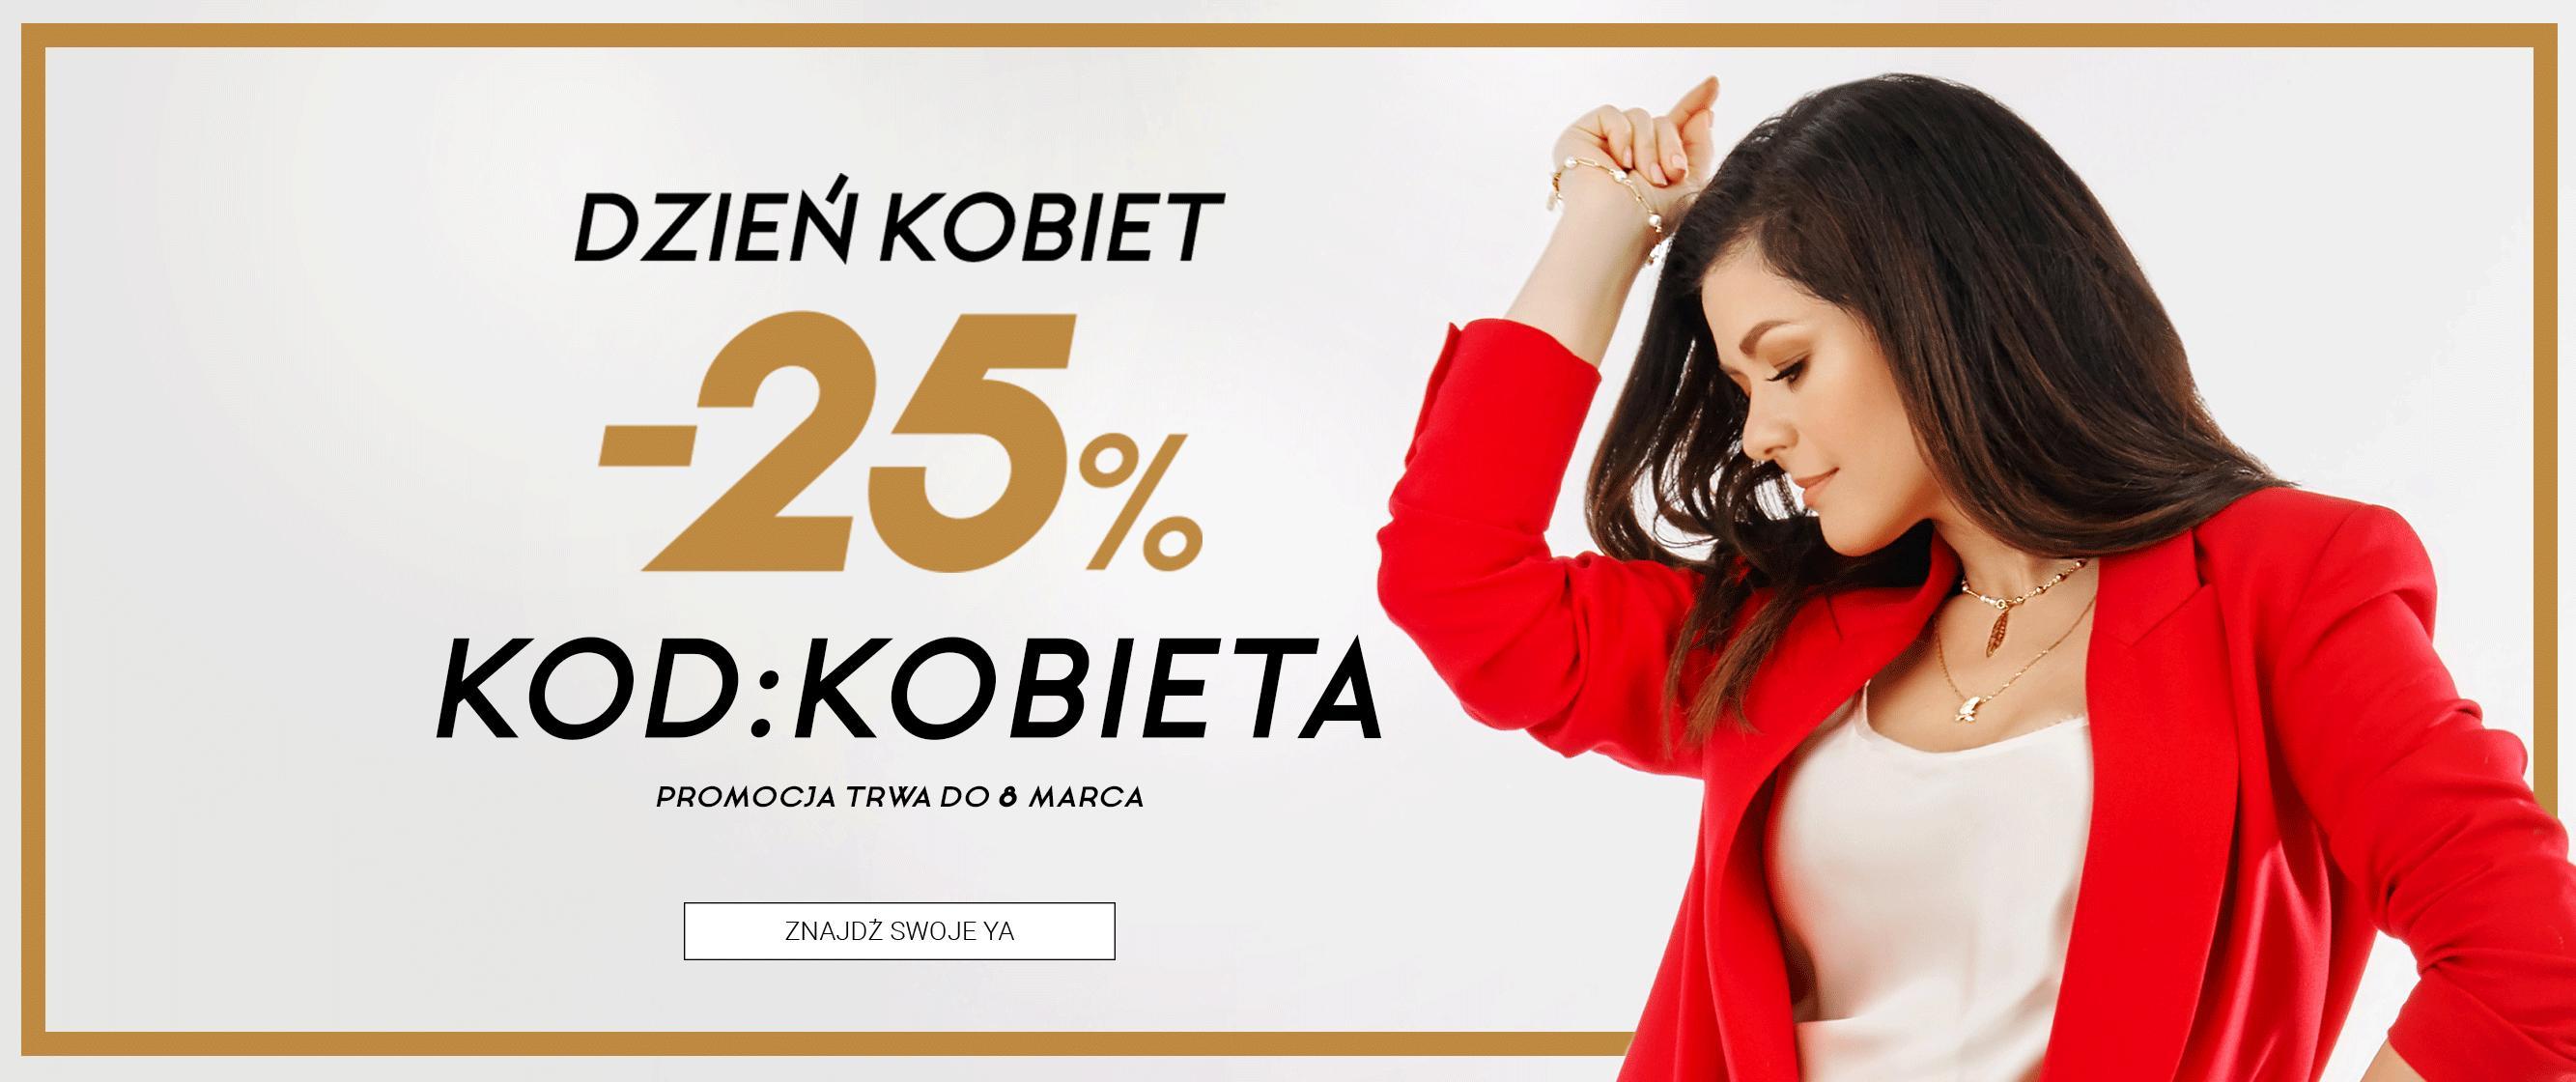 YA Cichopek: 25% rabatu na biżuterię damską - promocja na Dzień Kobiet